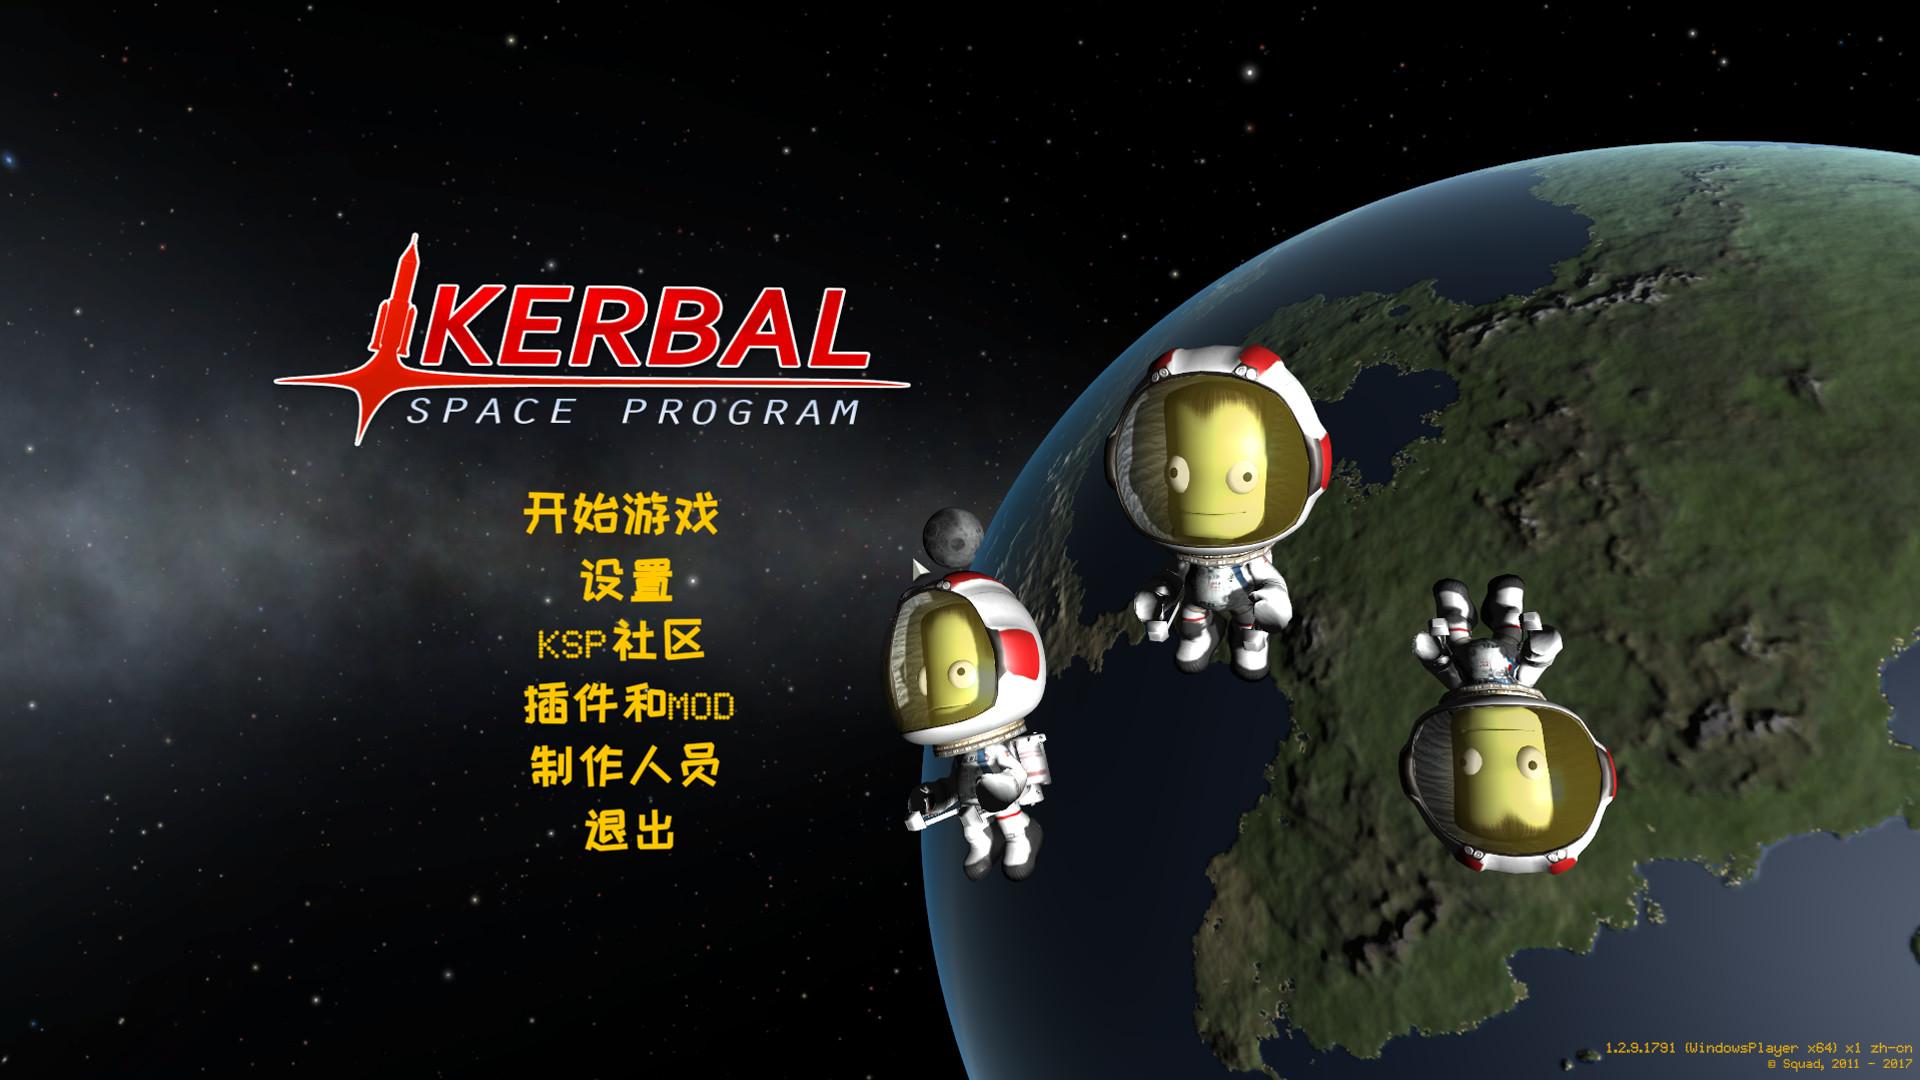 坎巴拉太空计划/Kerbal Space Program+官方中文-v1.12.1.3142-百度云盘插图